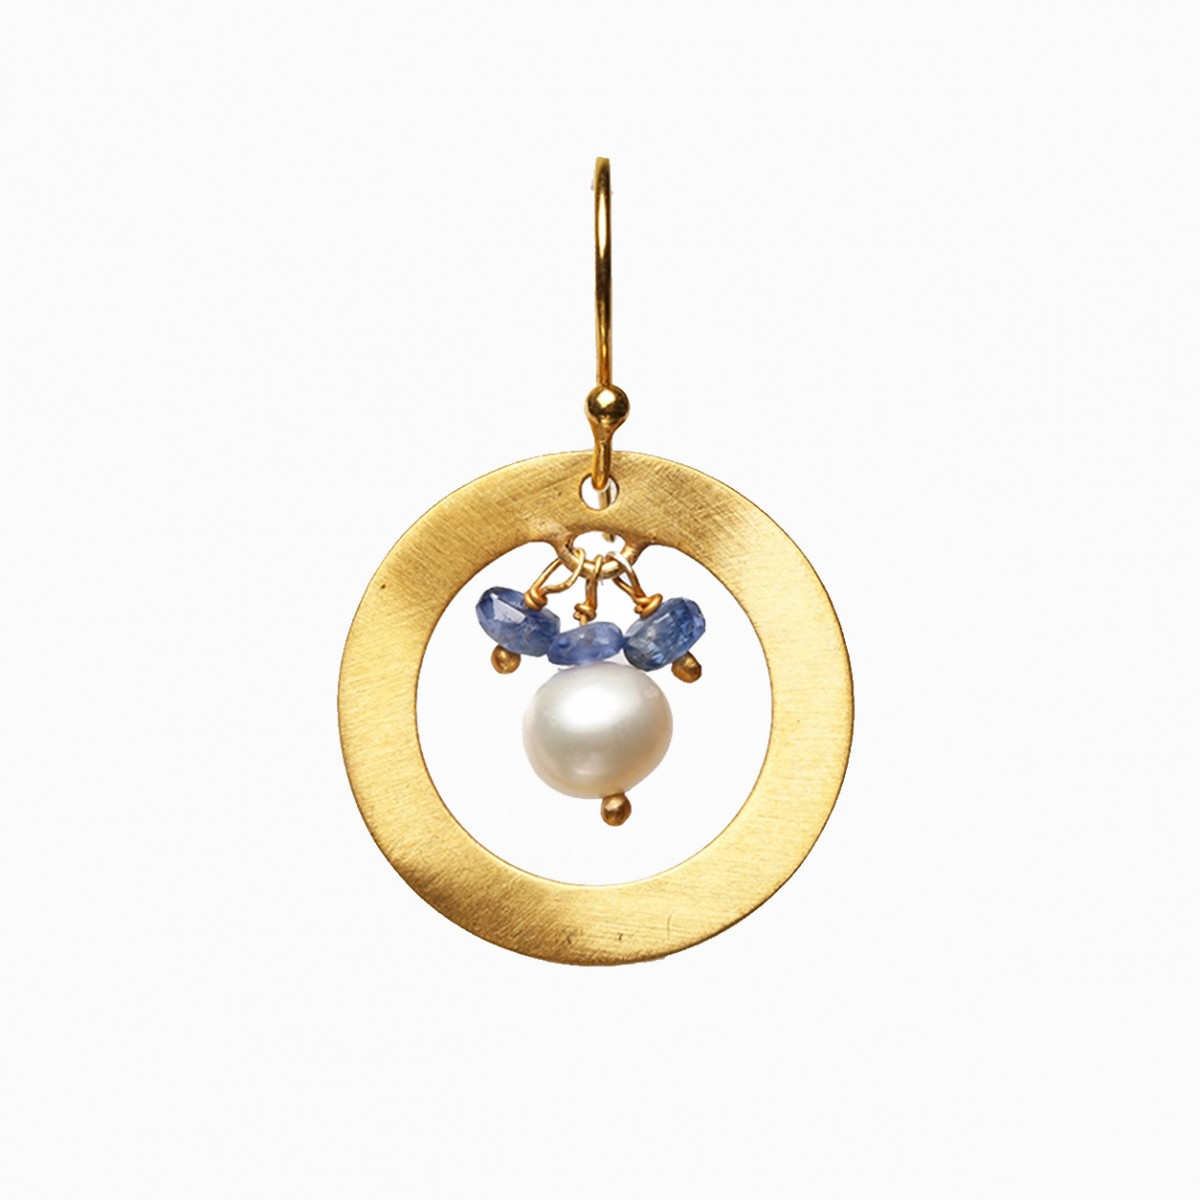 Kyanite and pearl earrings